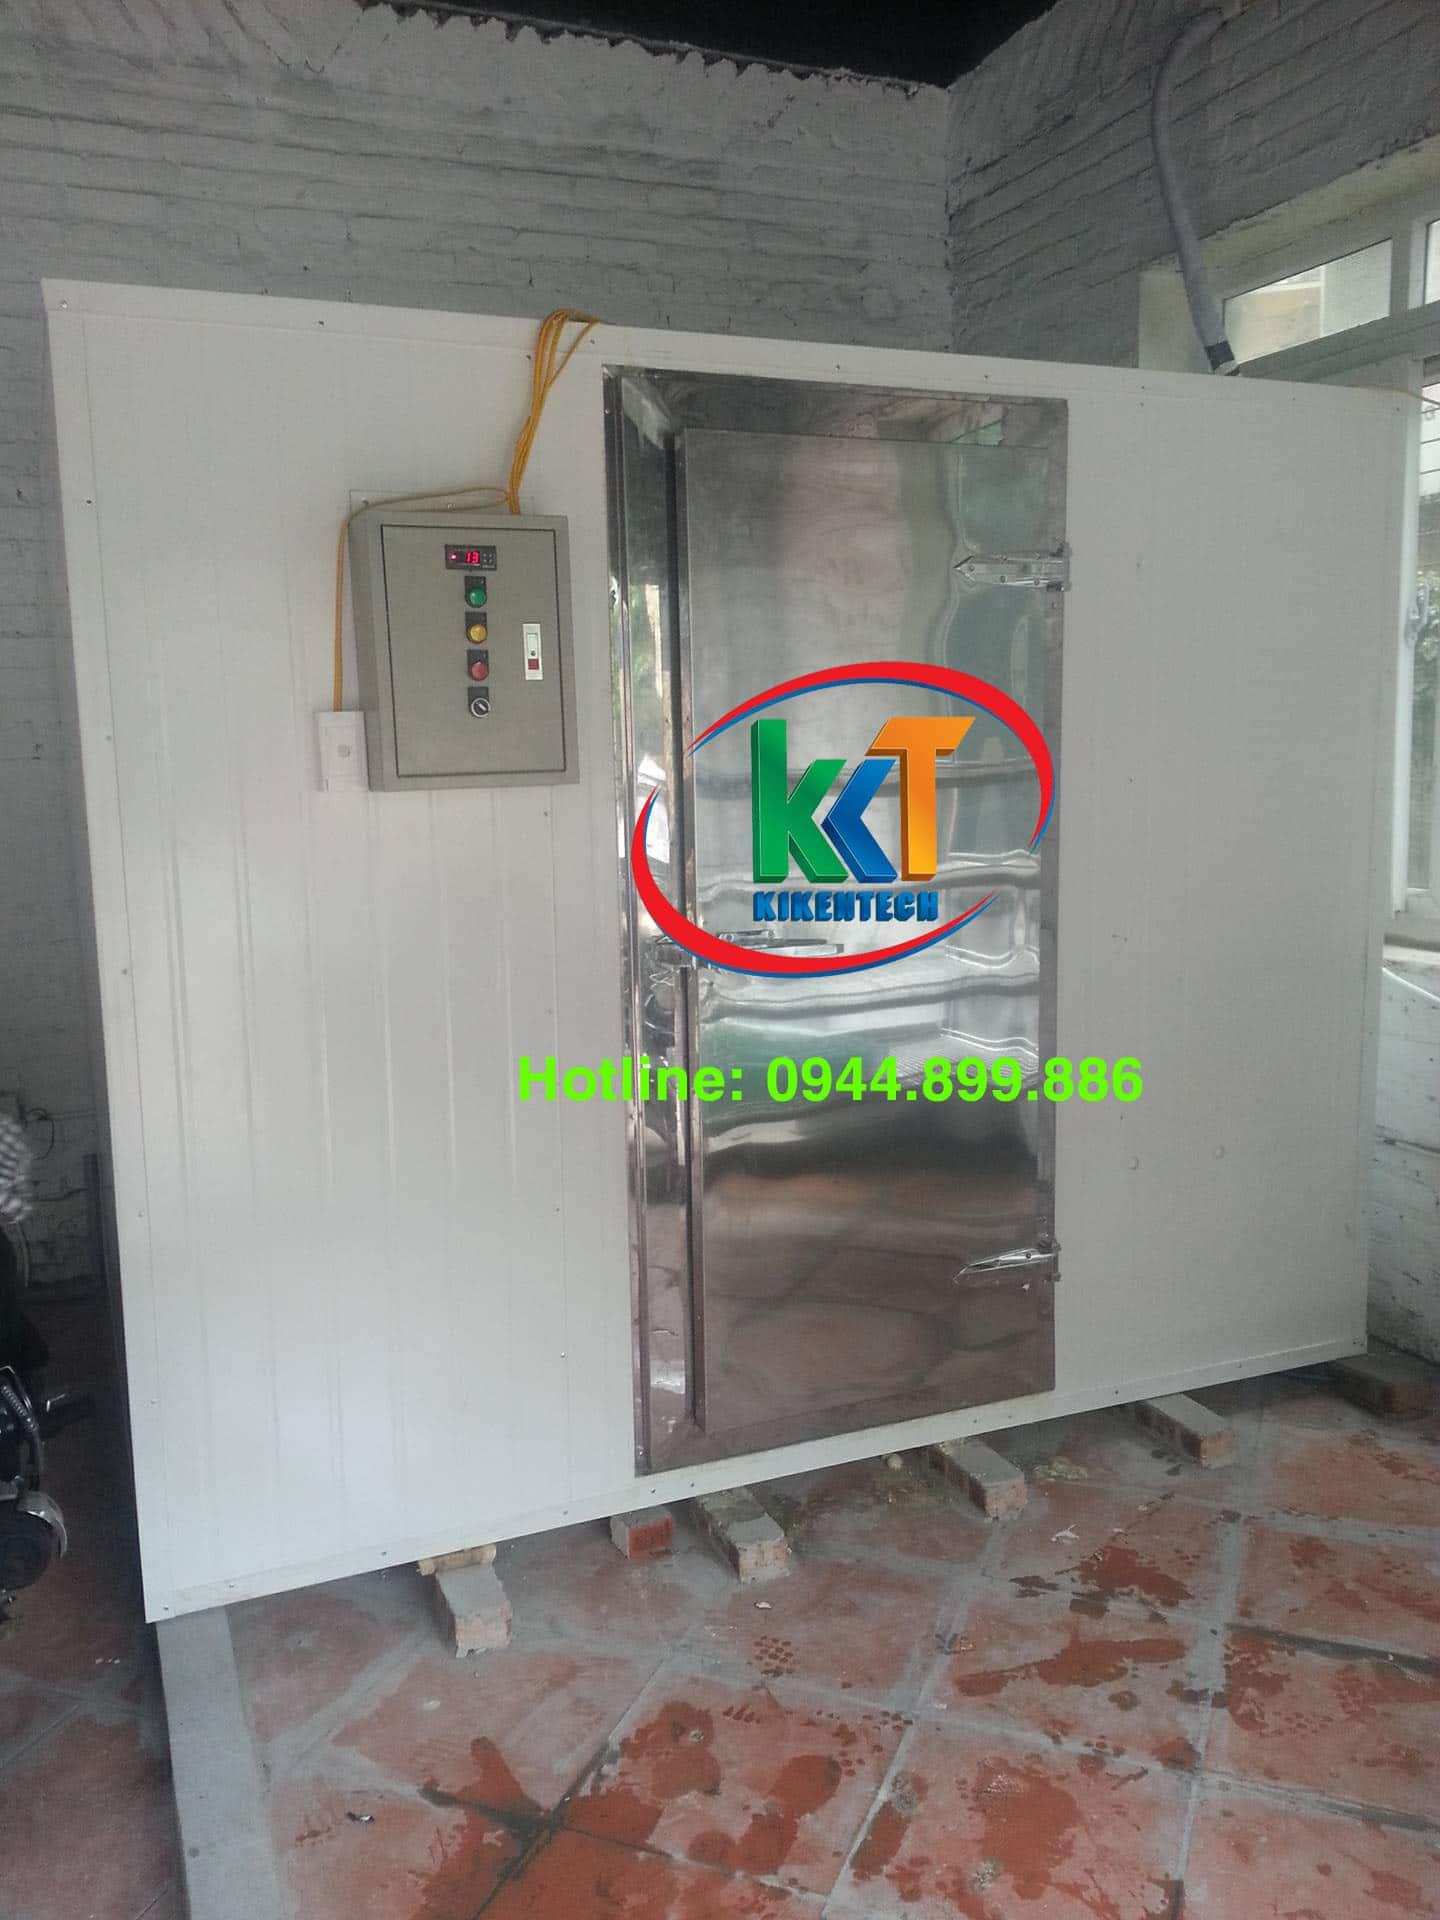 Dự án lắp đặt kho lạnh bảo quản thực phẩm ở Hà Đông, Hà Nội. Lắp đặt kho lạnh bảo quản ở Hà Đông. Lắp đặt kho lạnh ở Hà Đông, kho lạnh bảo quản thực phẩm